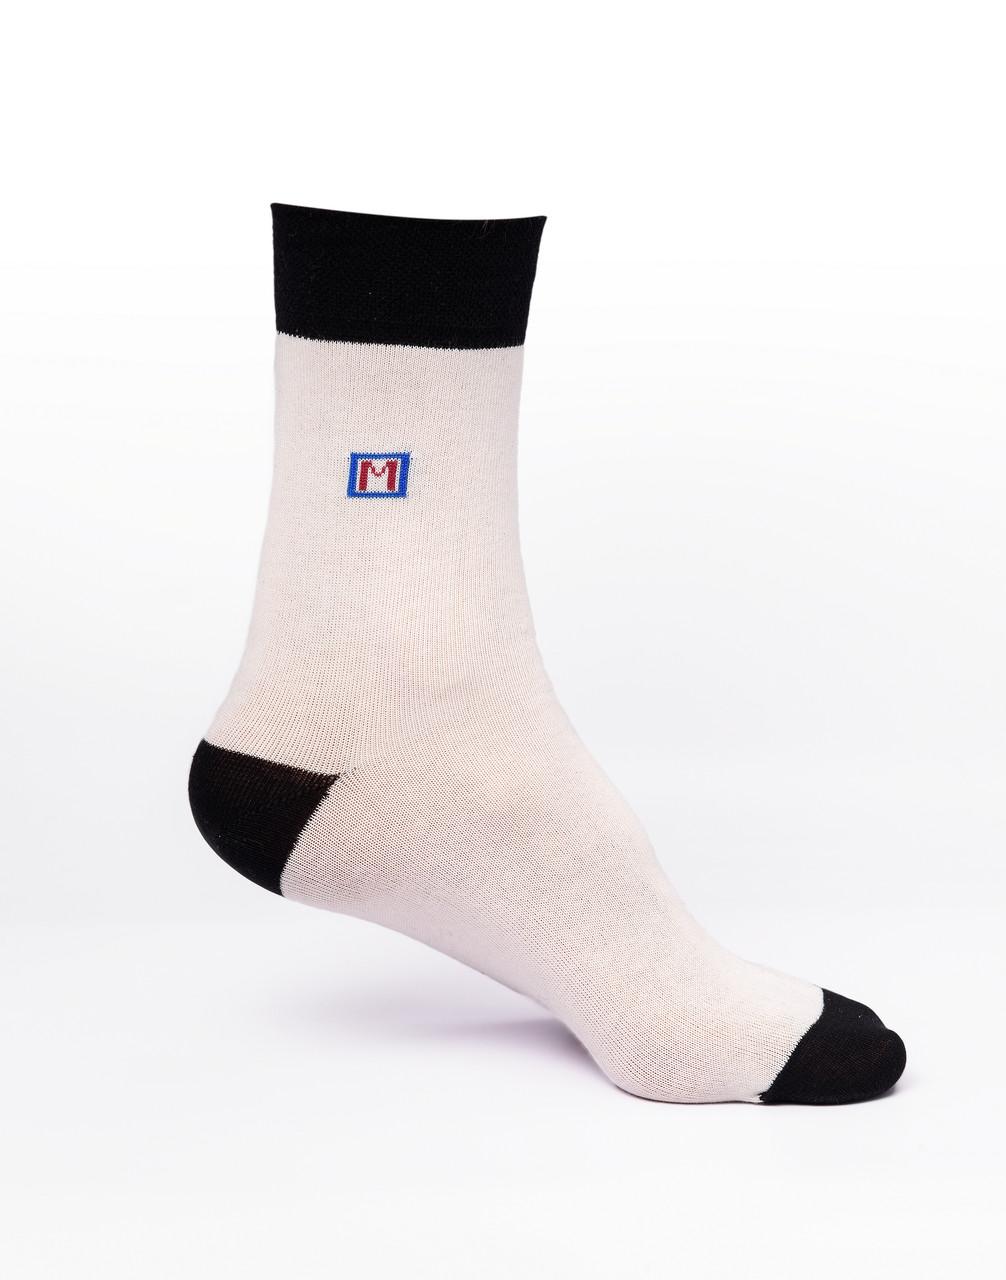 Мужские носки хлопок, белые